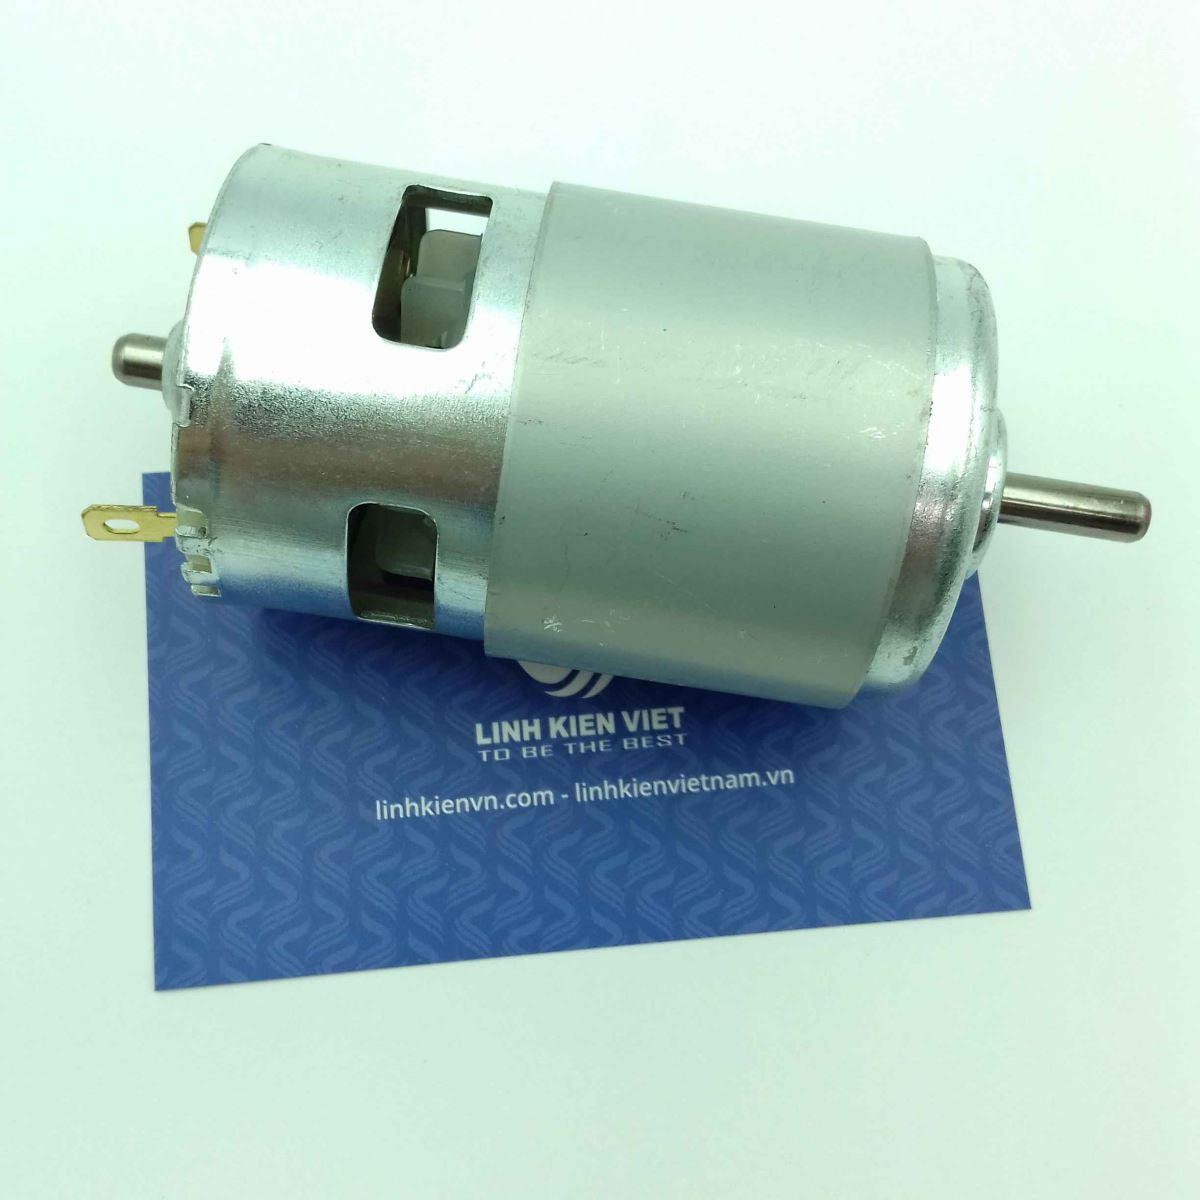 Động cơ 775 1 đầu 12-24V 10000 rpm